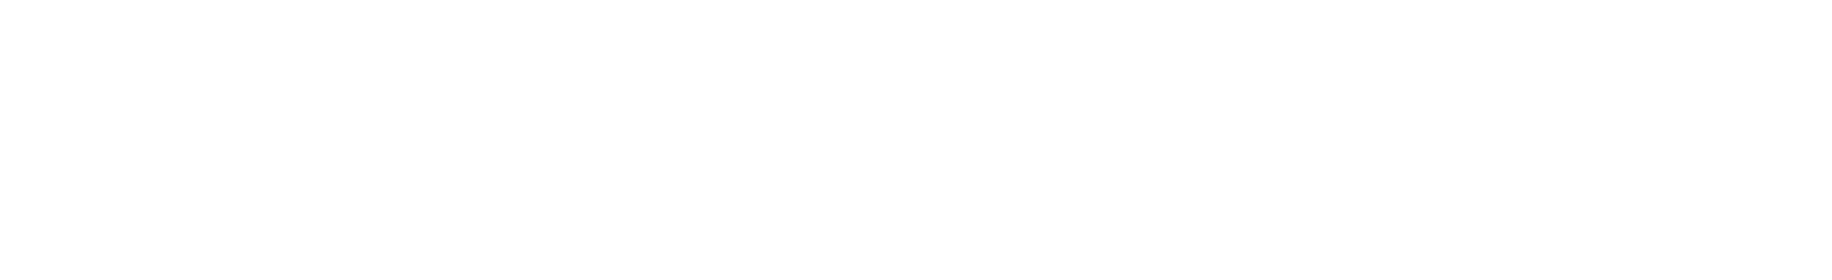 中国信息无障碍产品联盟logo